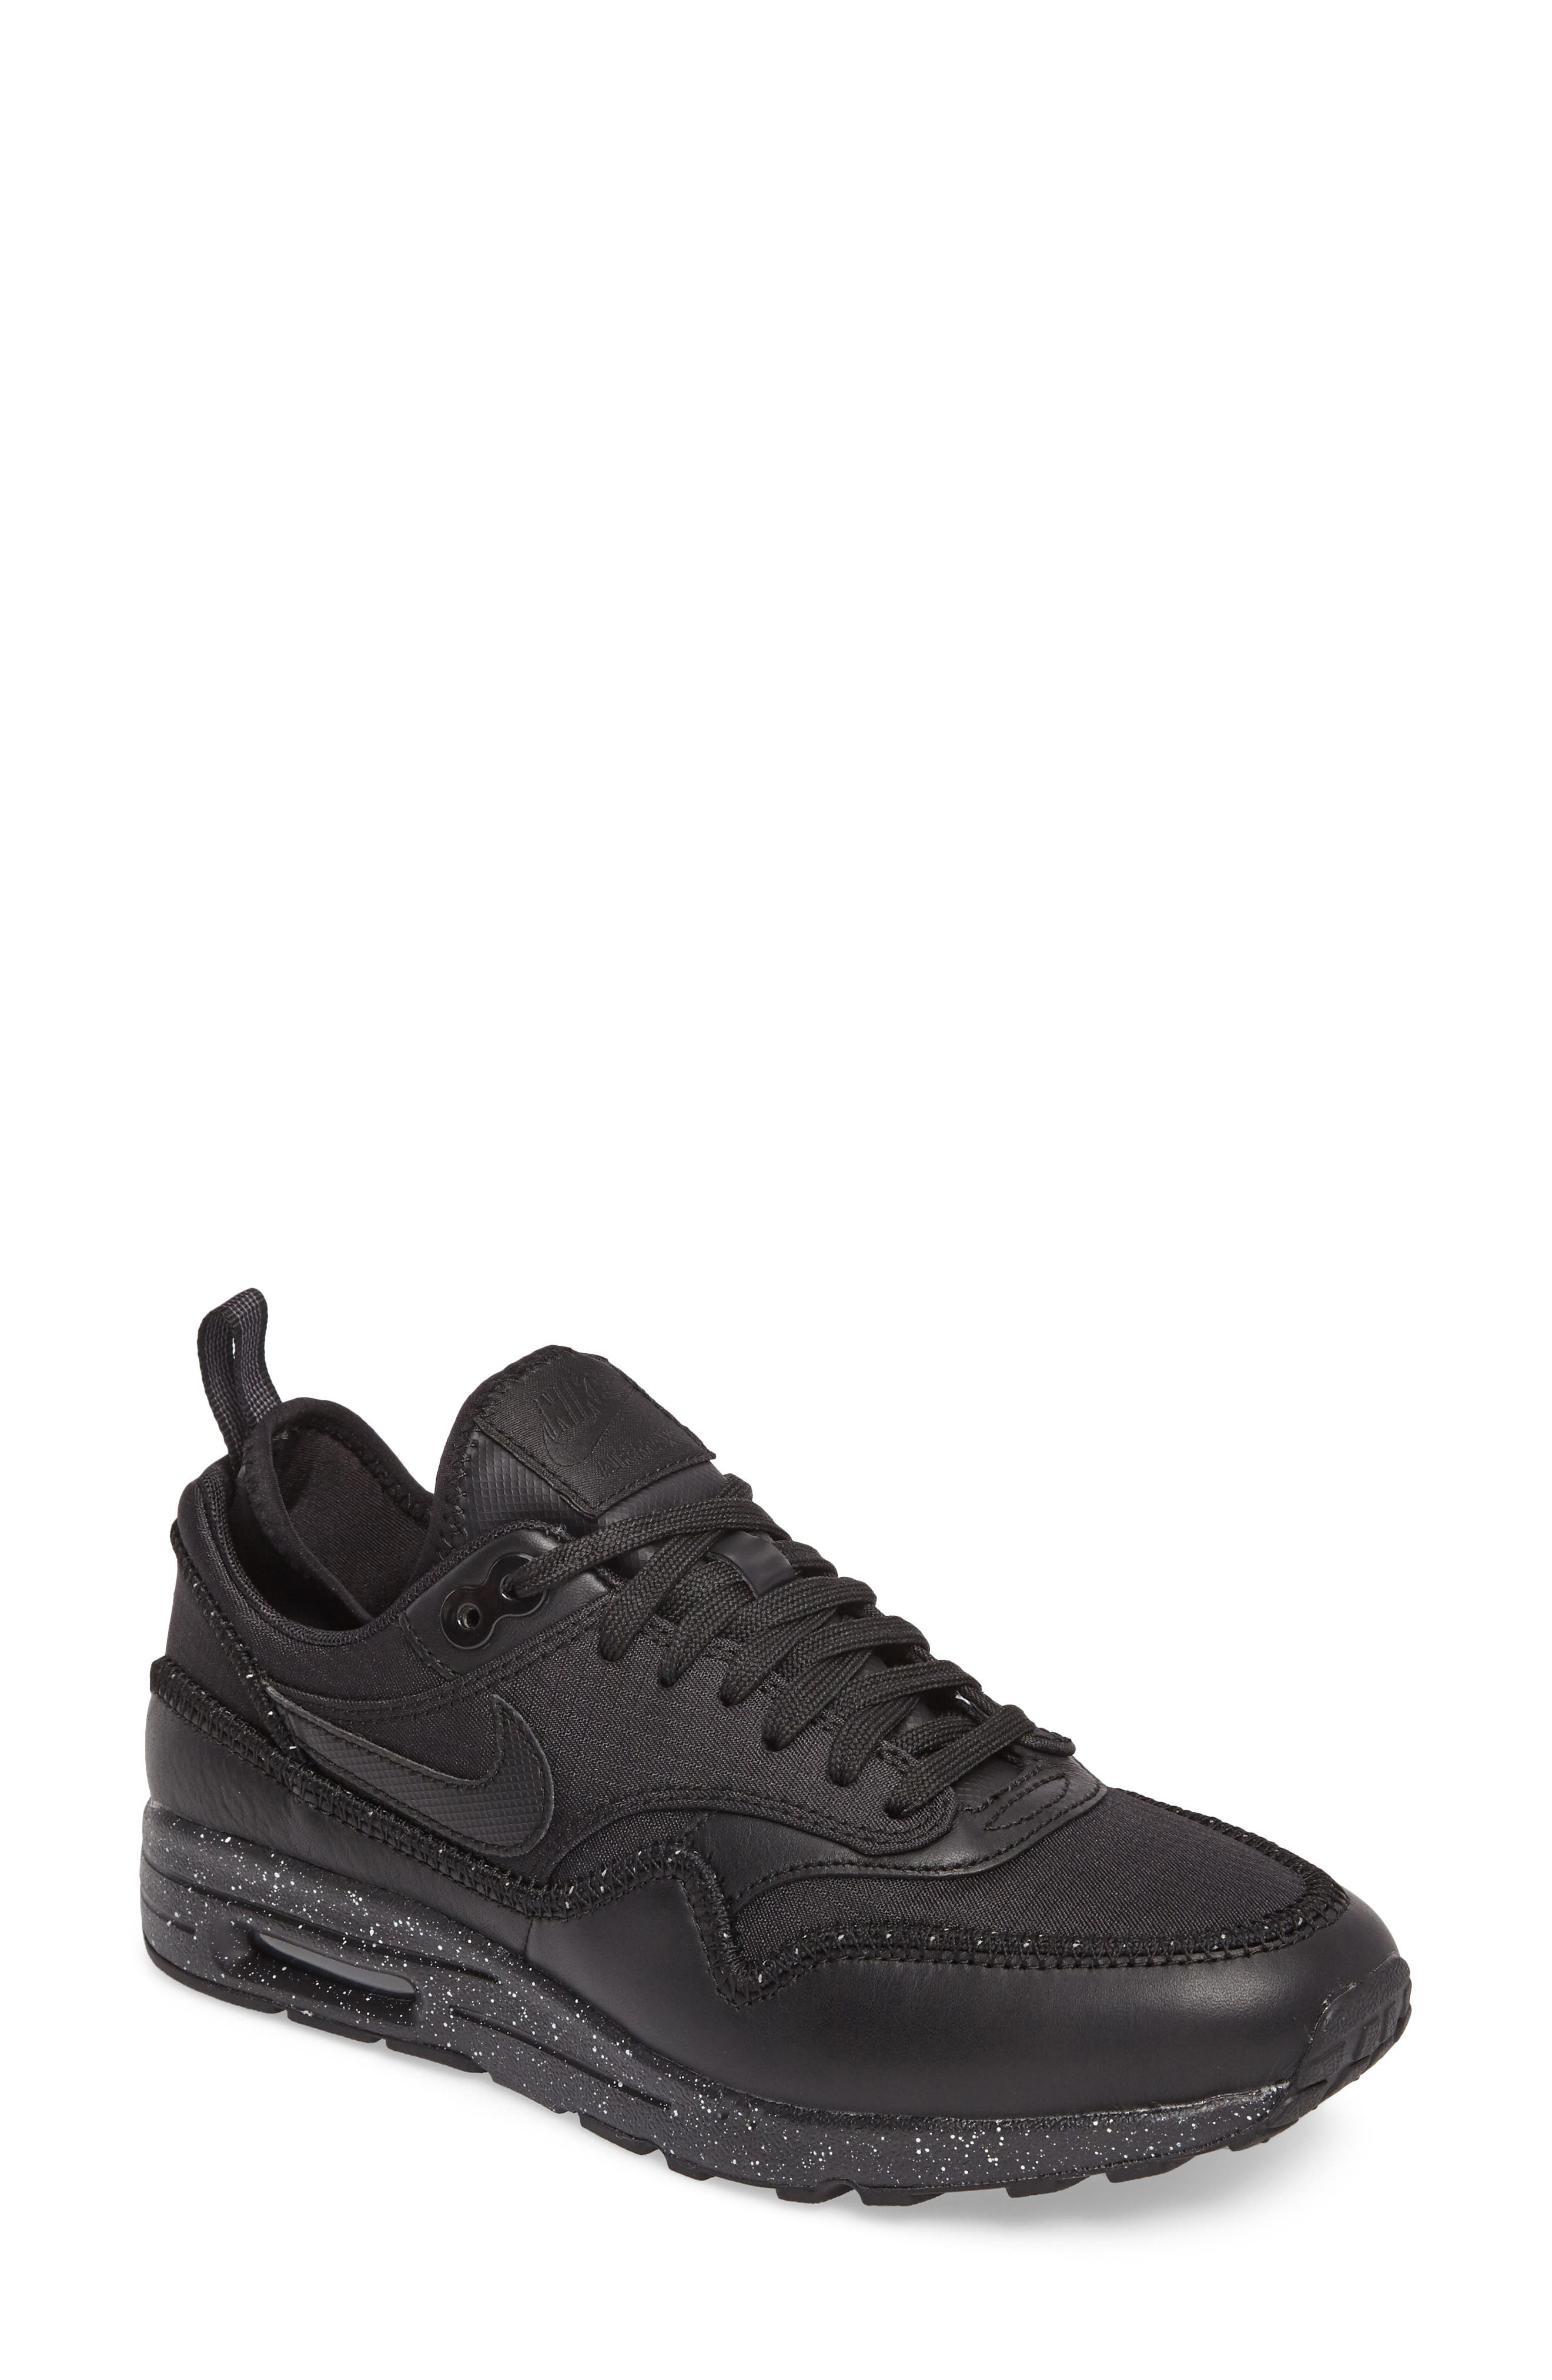 Alternate Image 1 Selected - Nike Air Max 1 Ultra 2.0 SI Sneaker (Women)